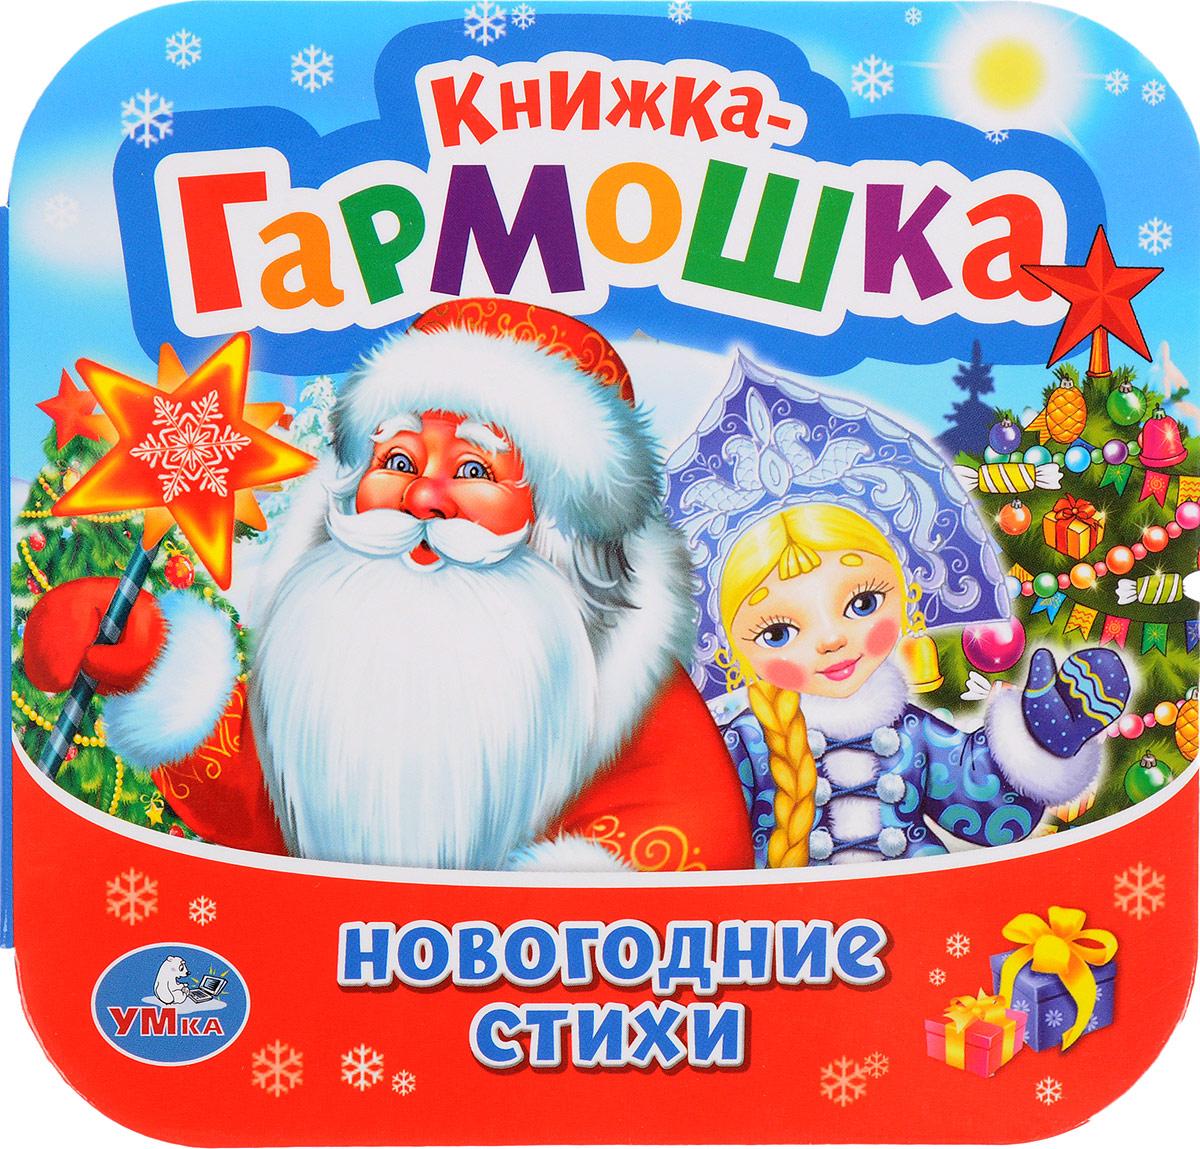 Владимир Степанов Новогодние стихи животные полюсов книжка гармошка